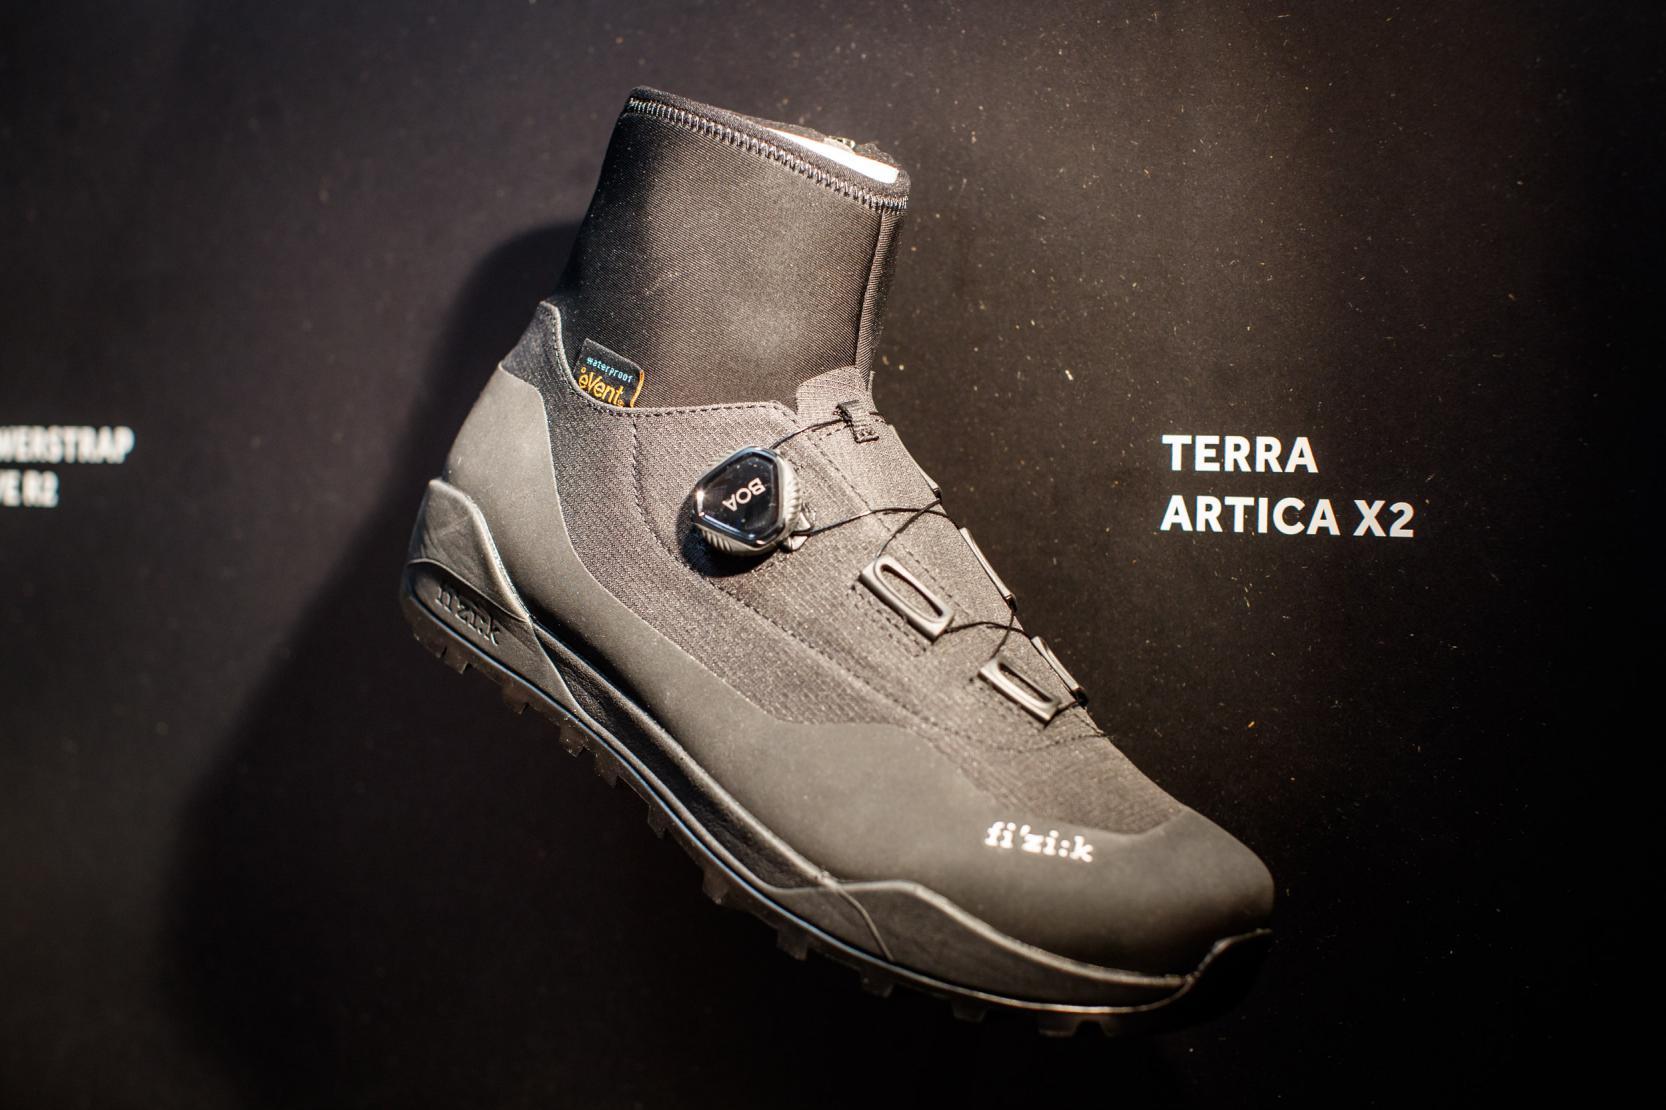 Terra Artica X2 Nylonsohle, wasserfeste/atmungsaktive Membran, 438 g (42,5), Größe 36-48, schwarz